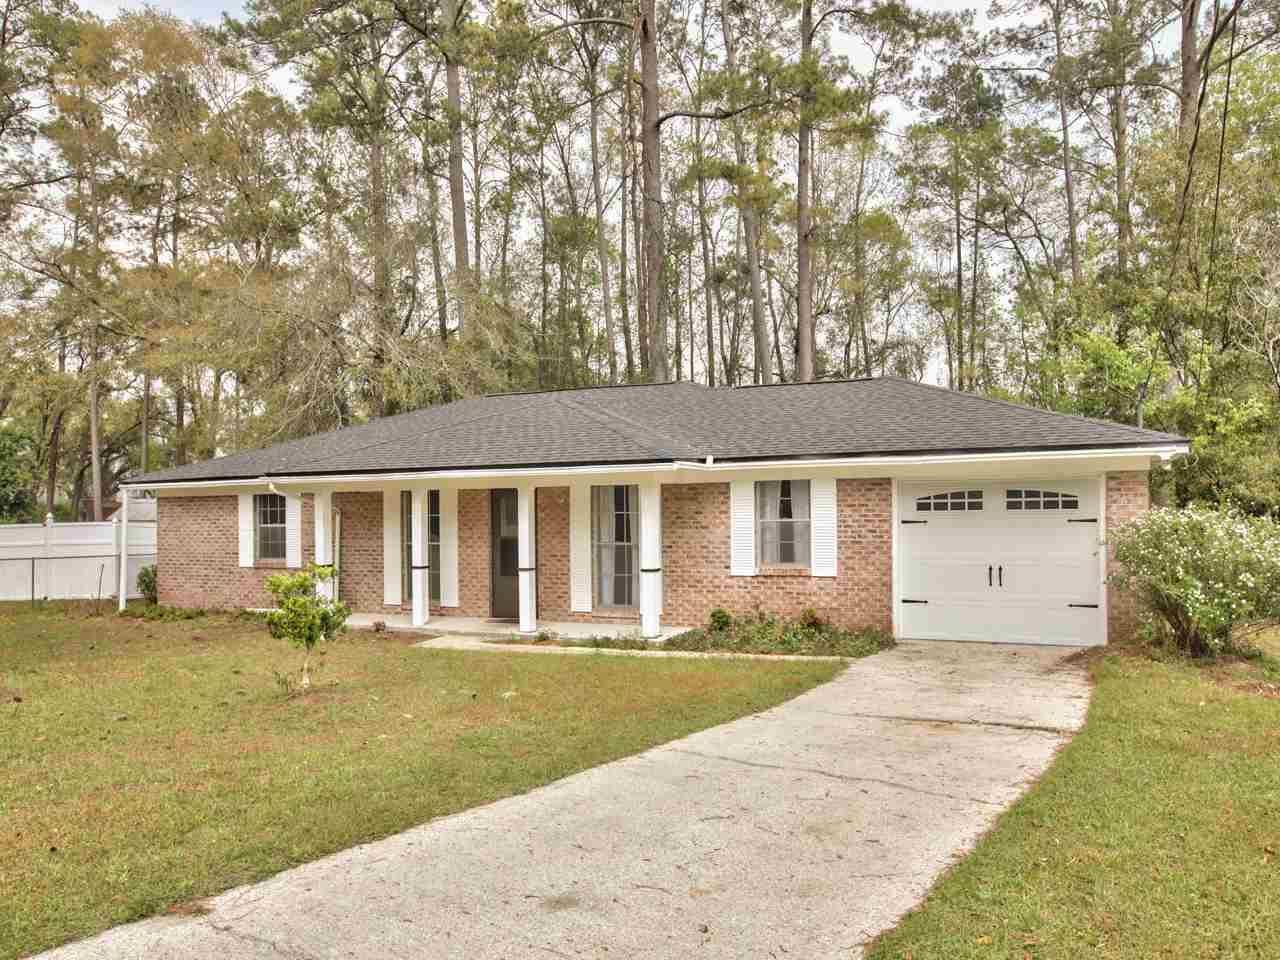 4521 Bowfin Drive, Tallahassee, FL 32303 - MLS#: 330045